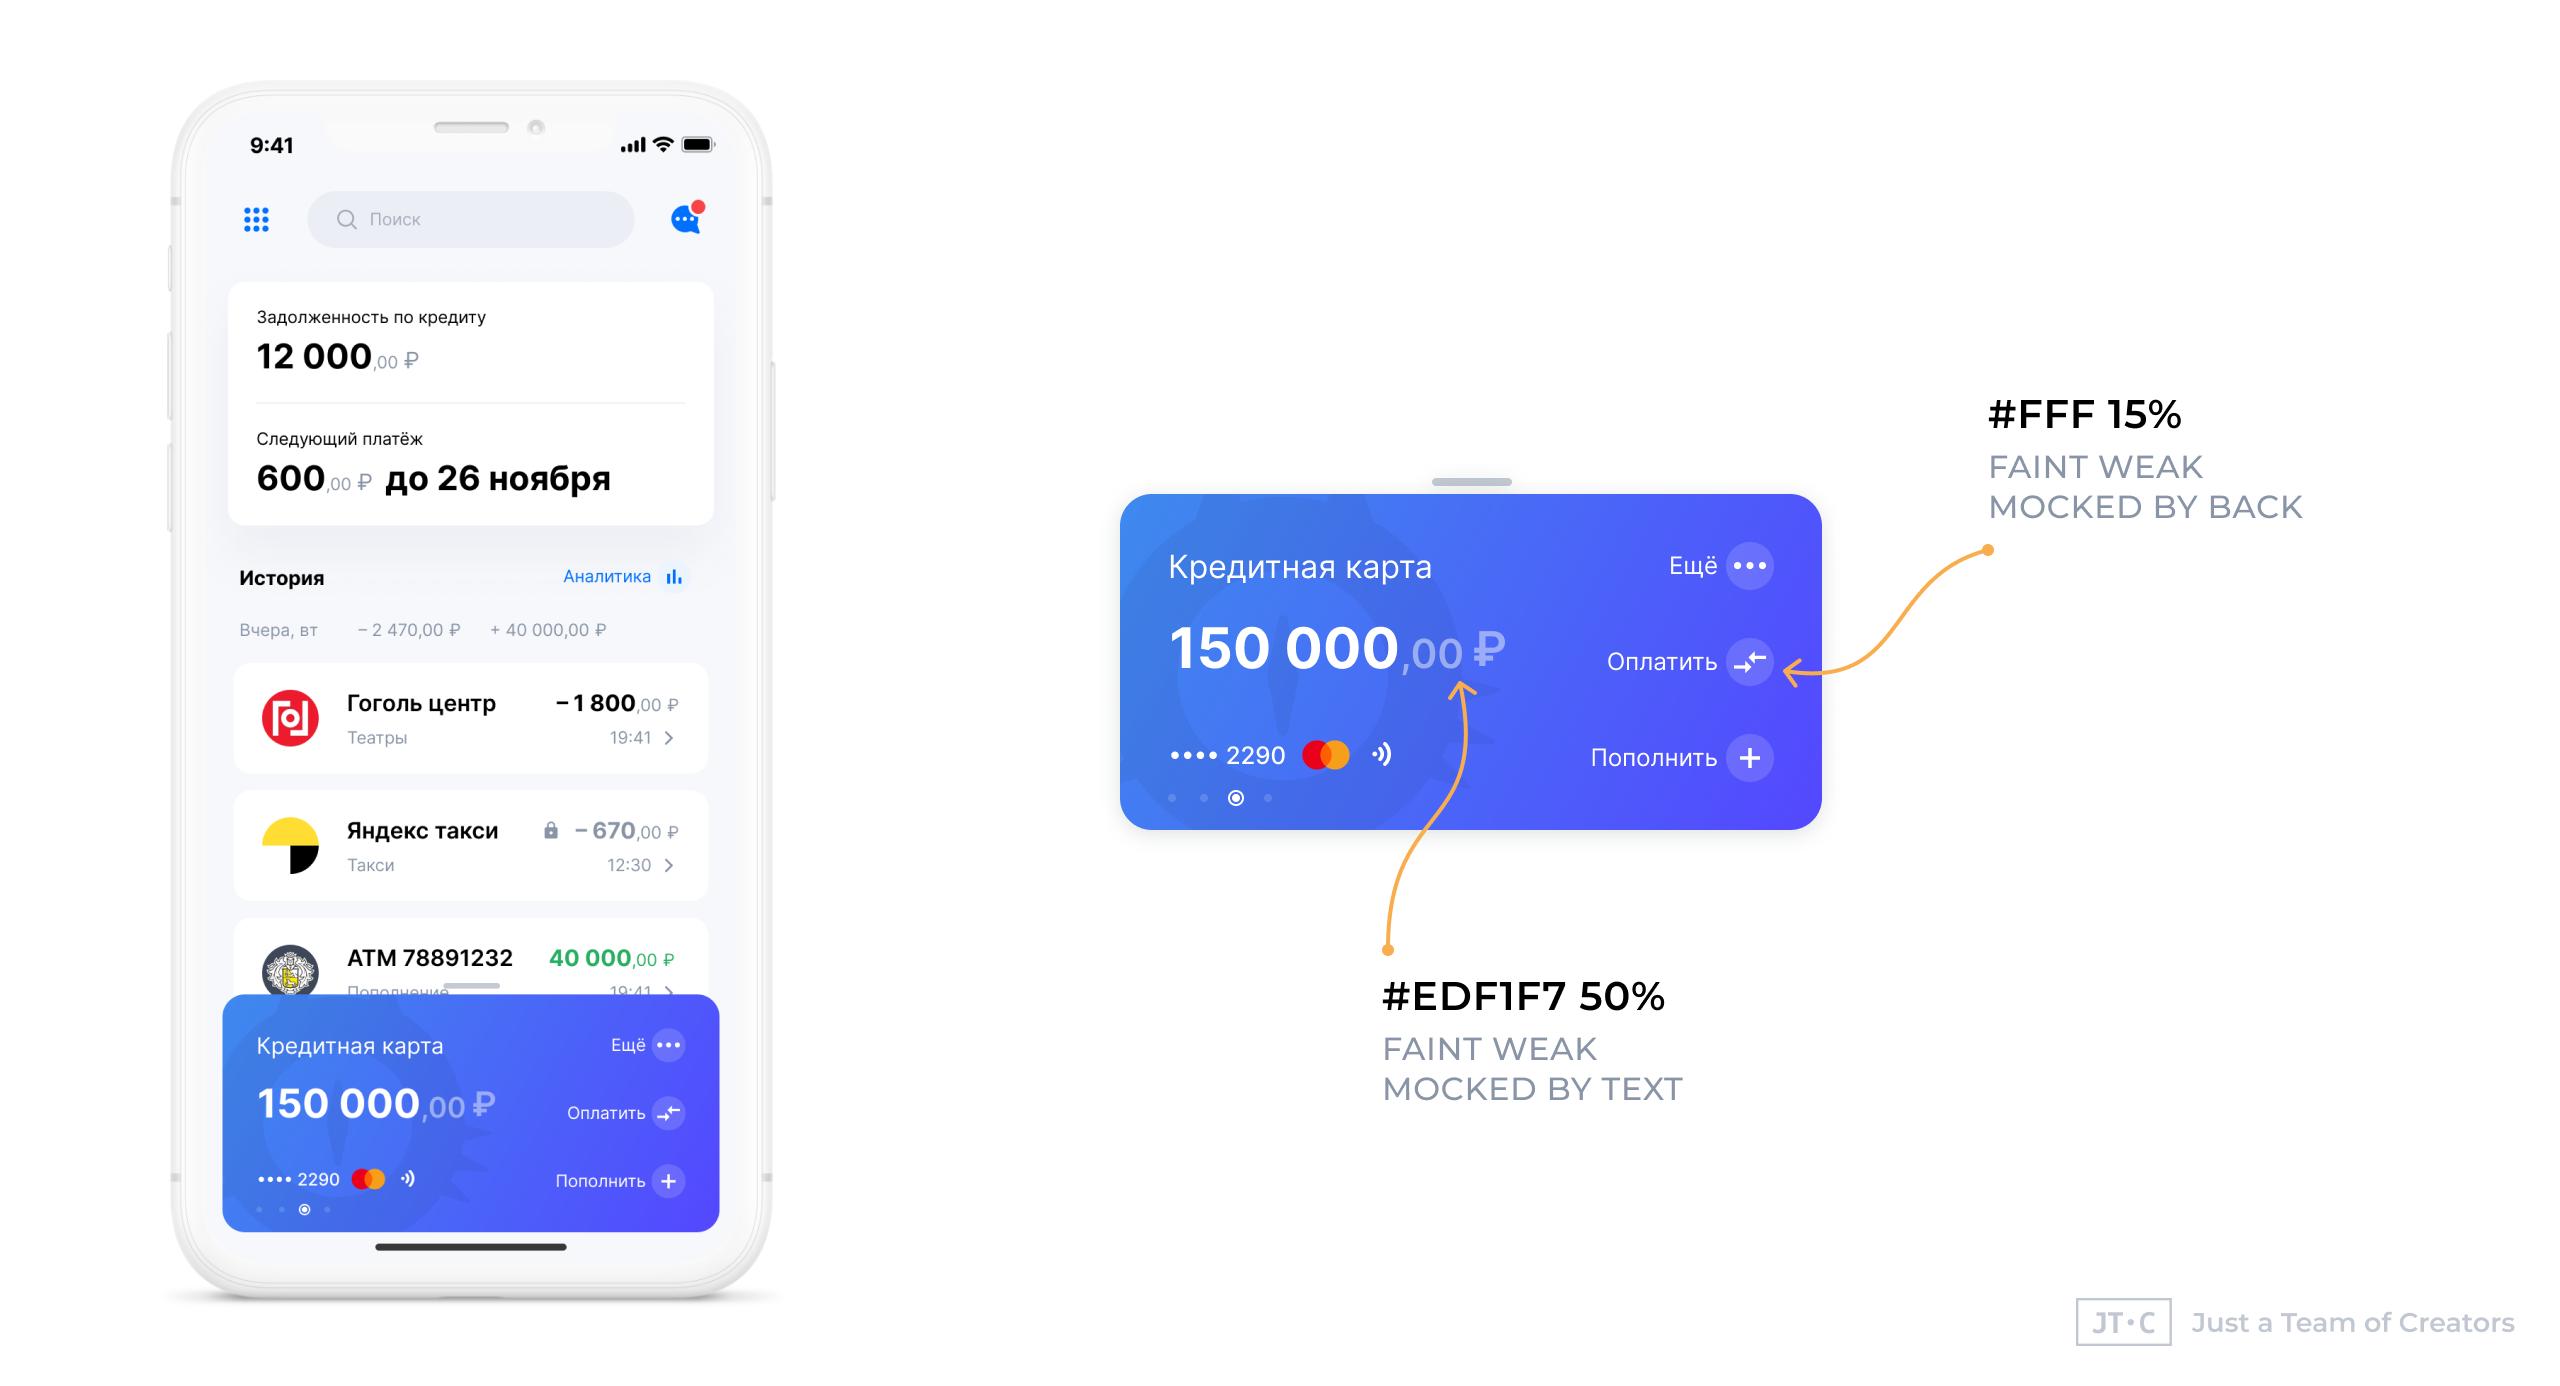 Дизайн мобильного банковского приложения